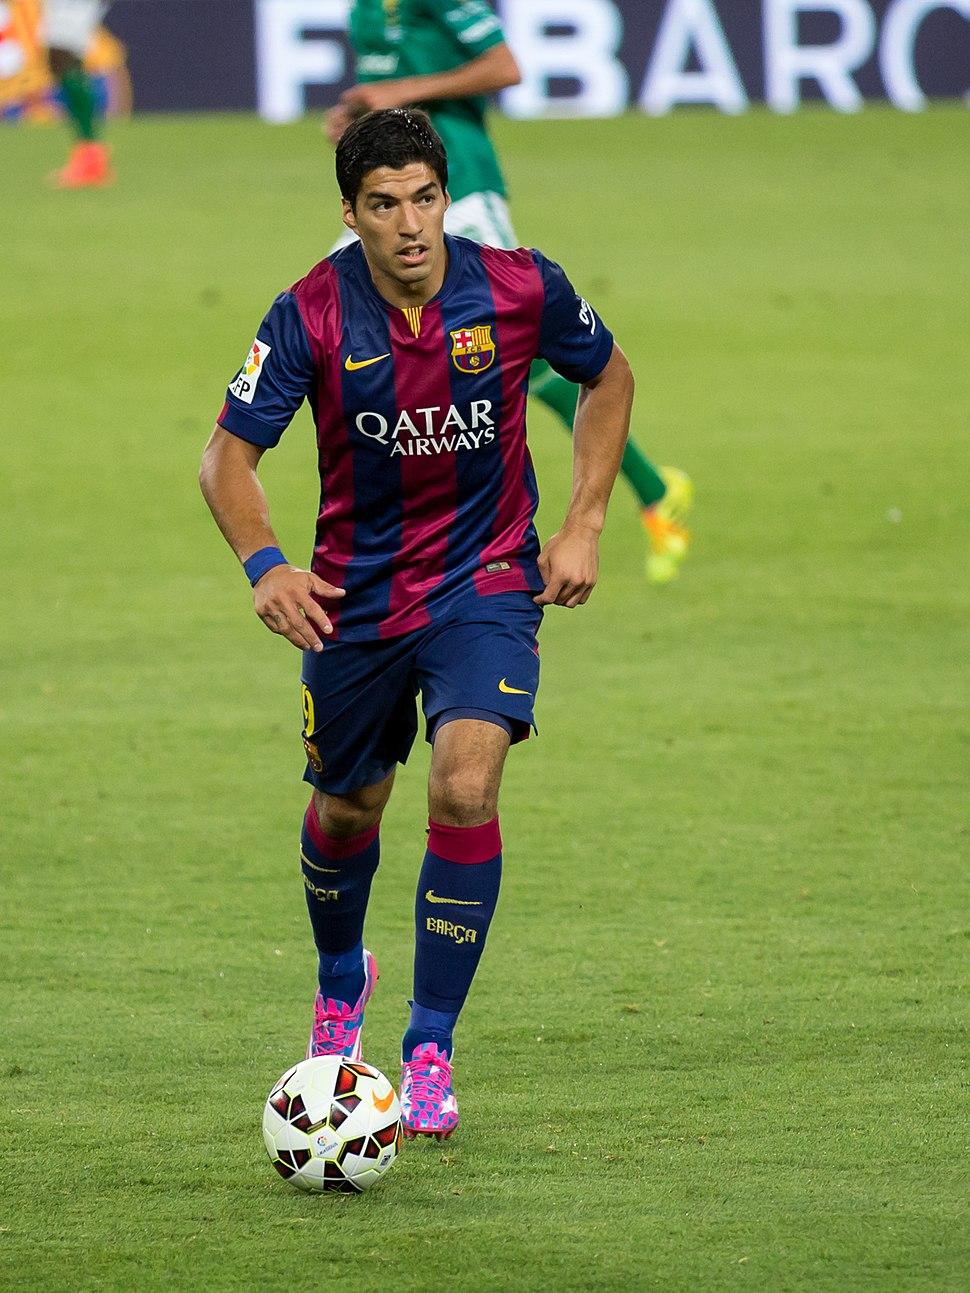 Luis Suarez FCB 2014